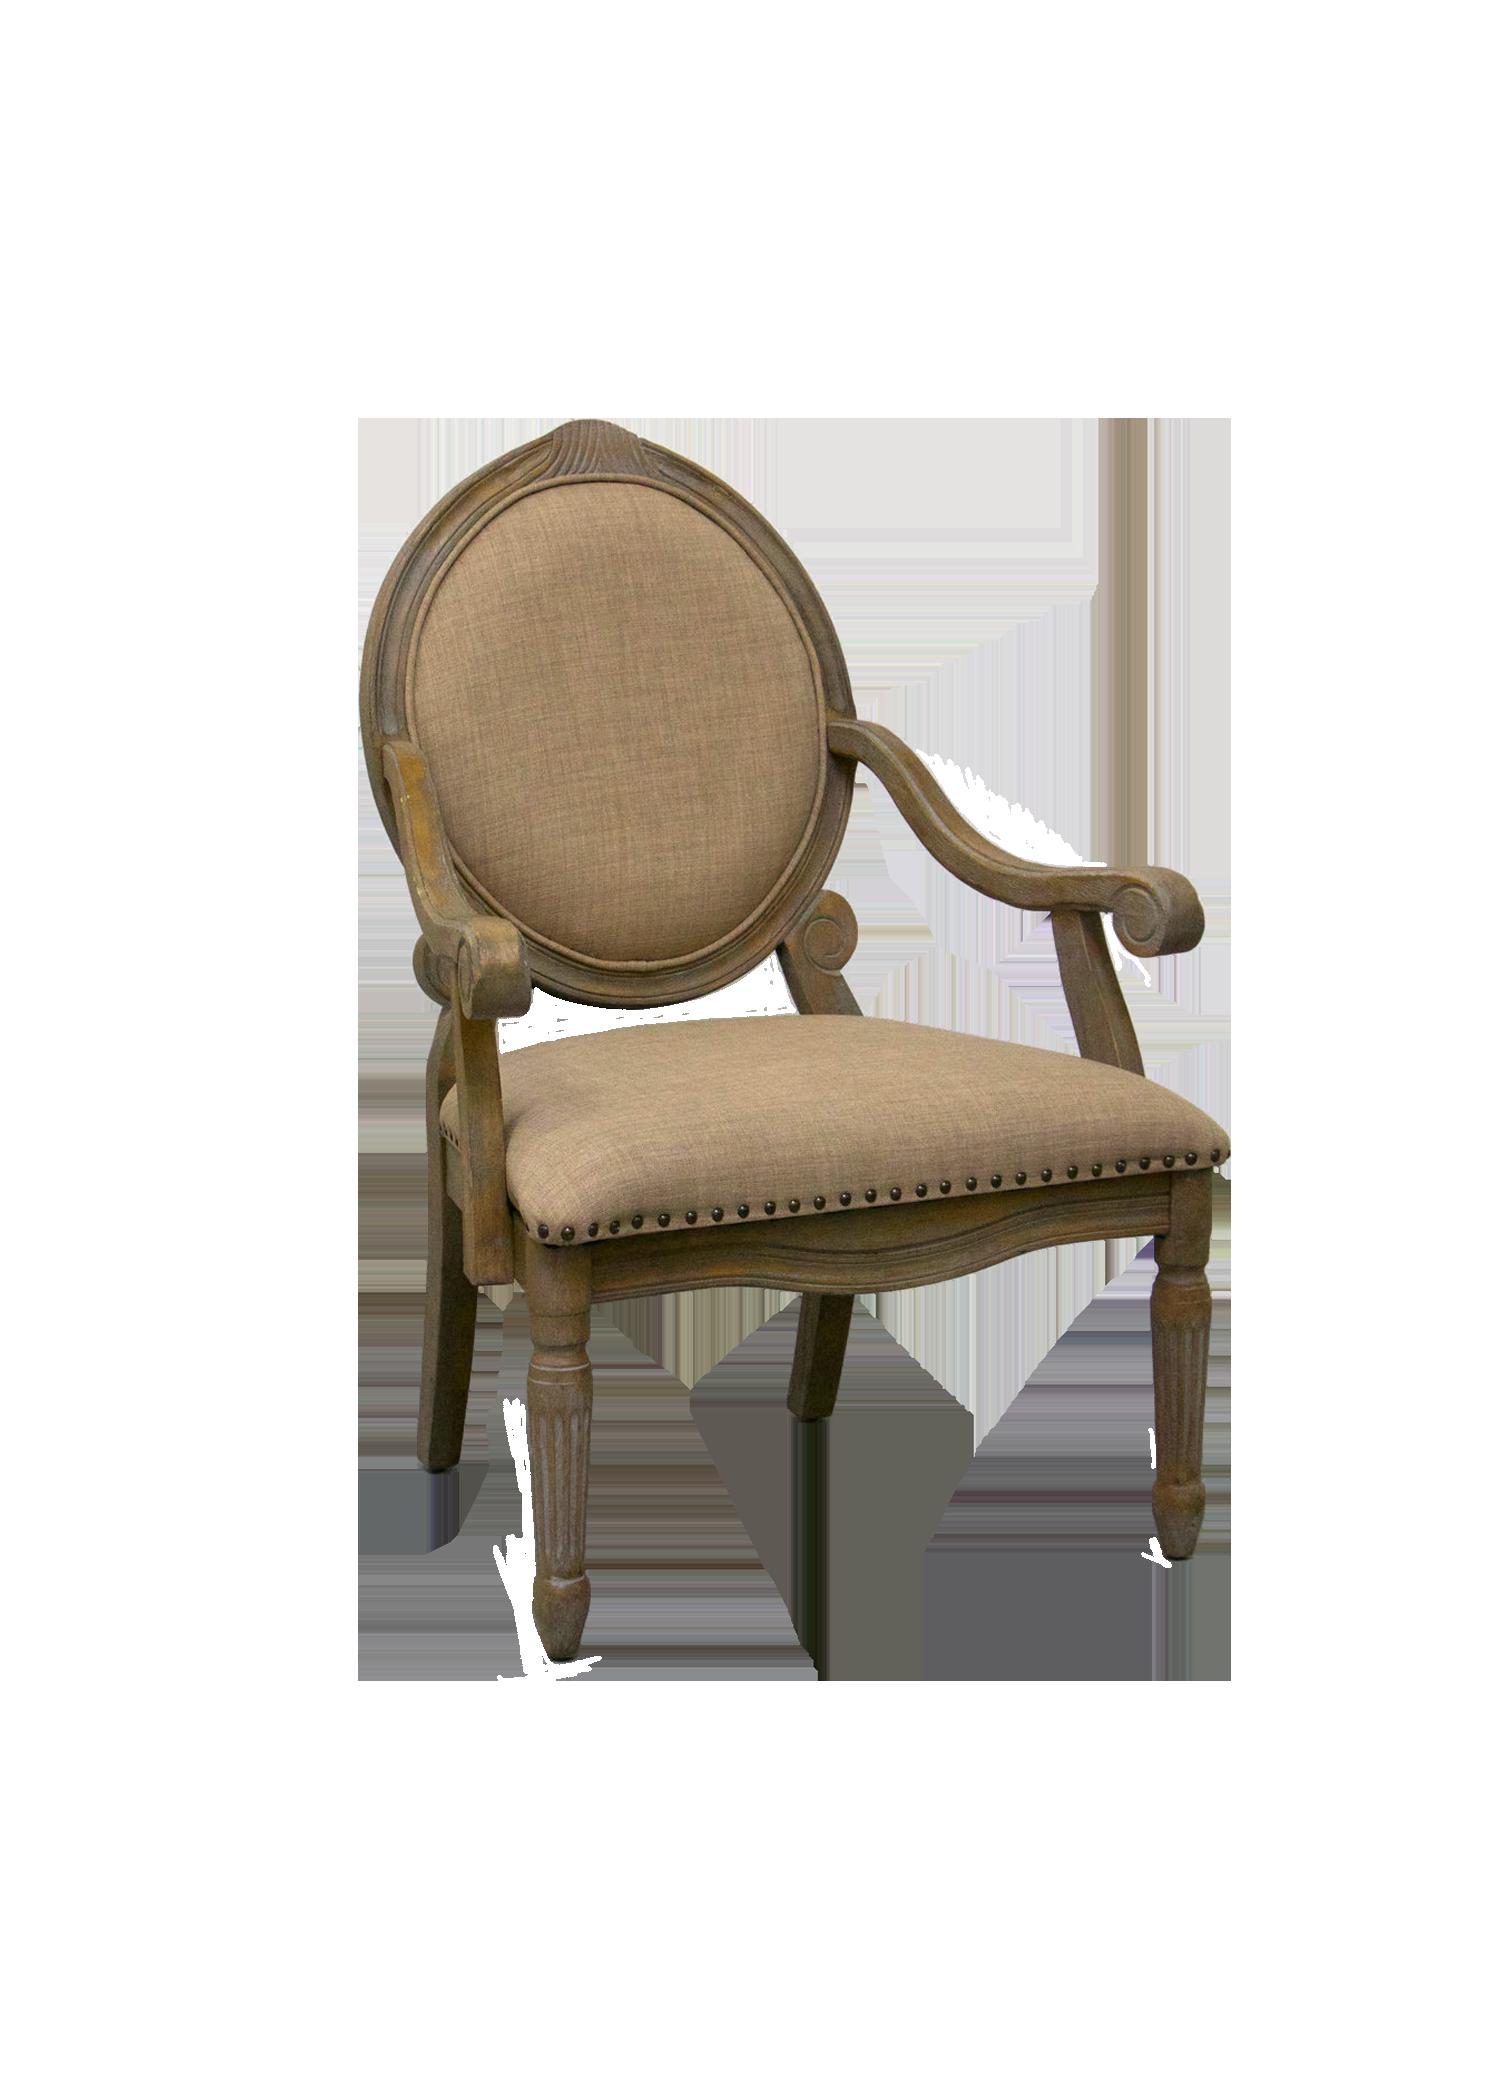 $50 Victorian Chair